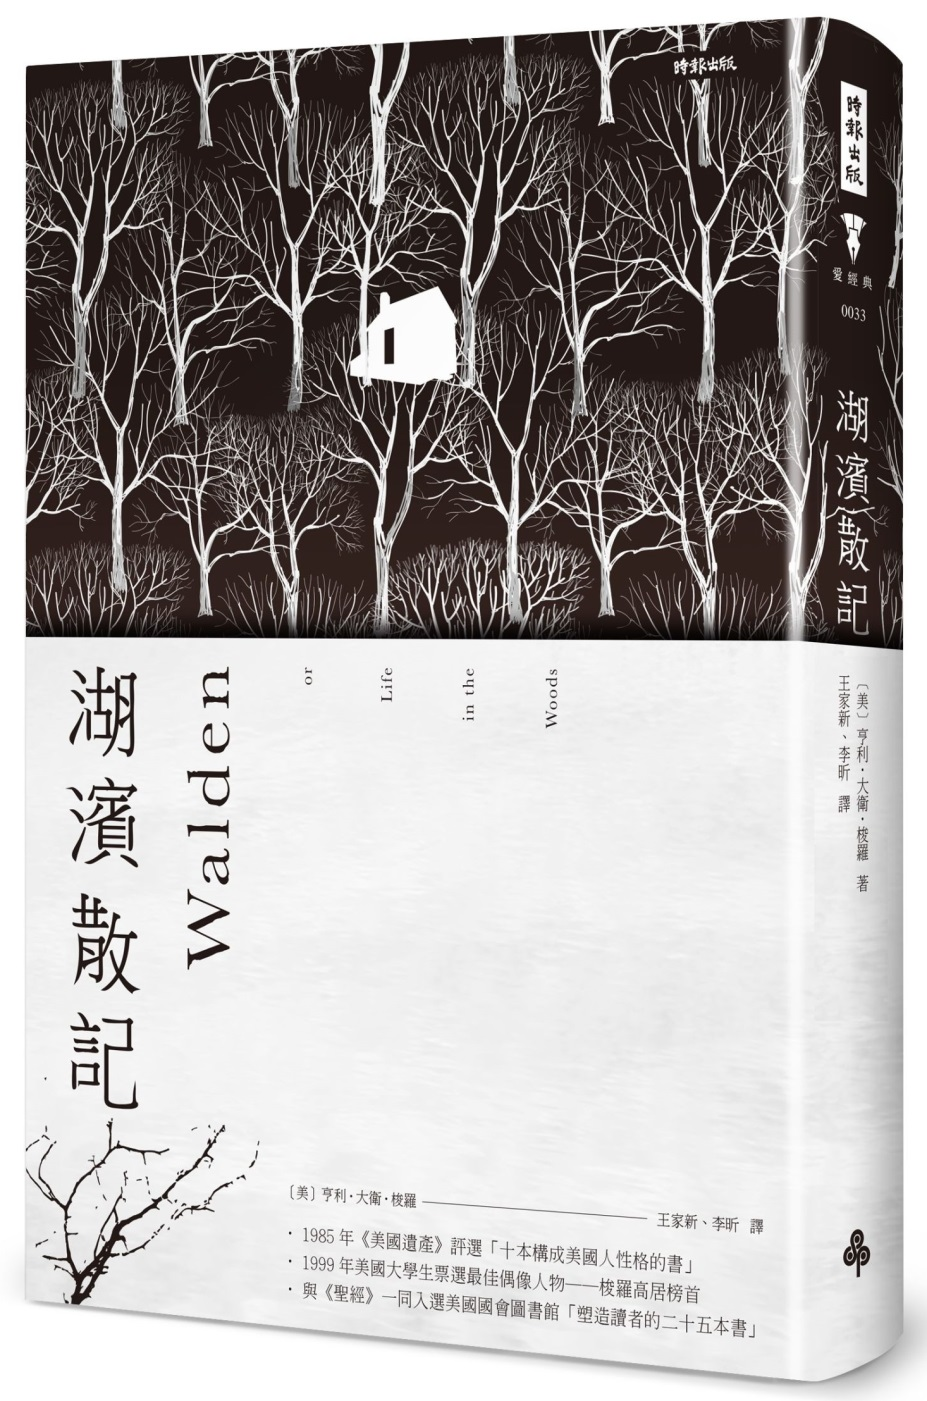 湖濱散記(精裝版‧海報書衣)